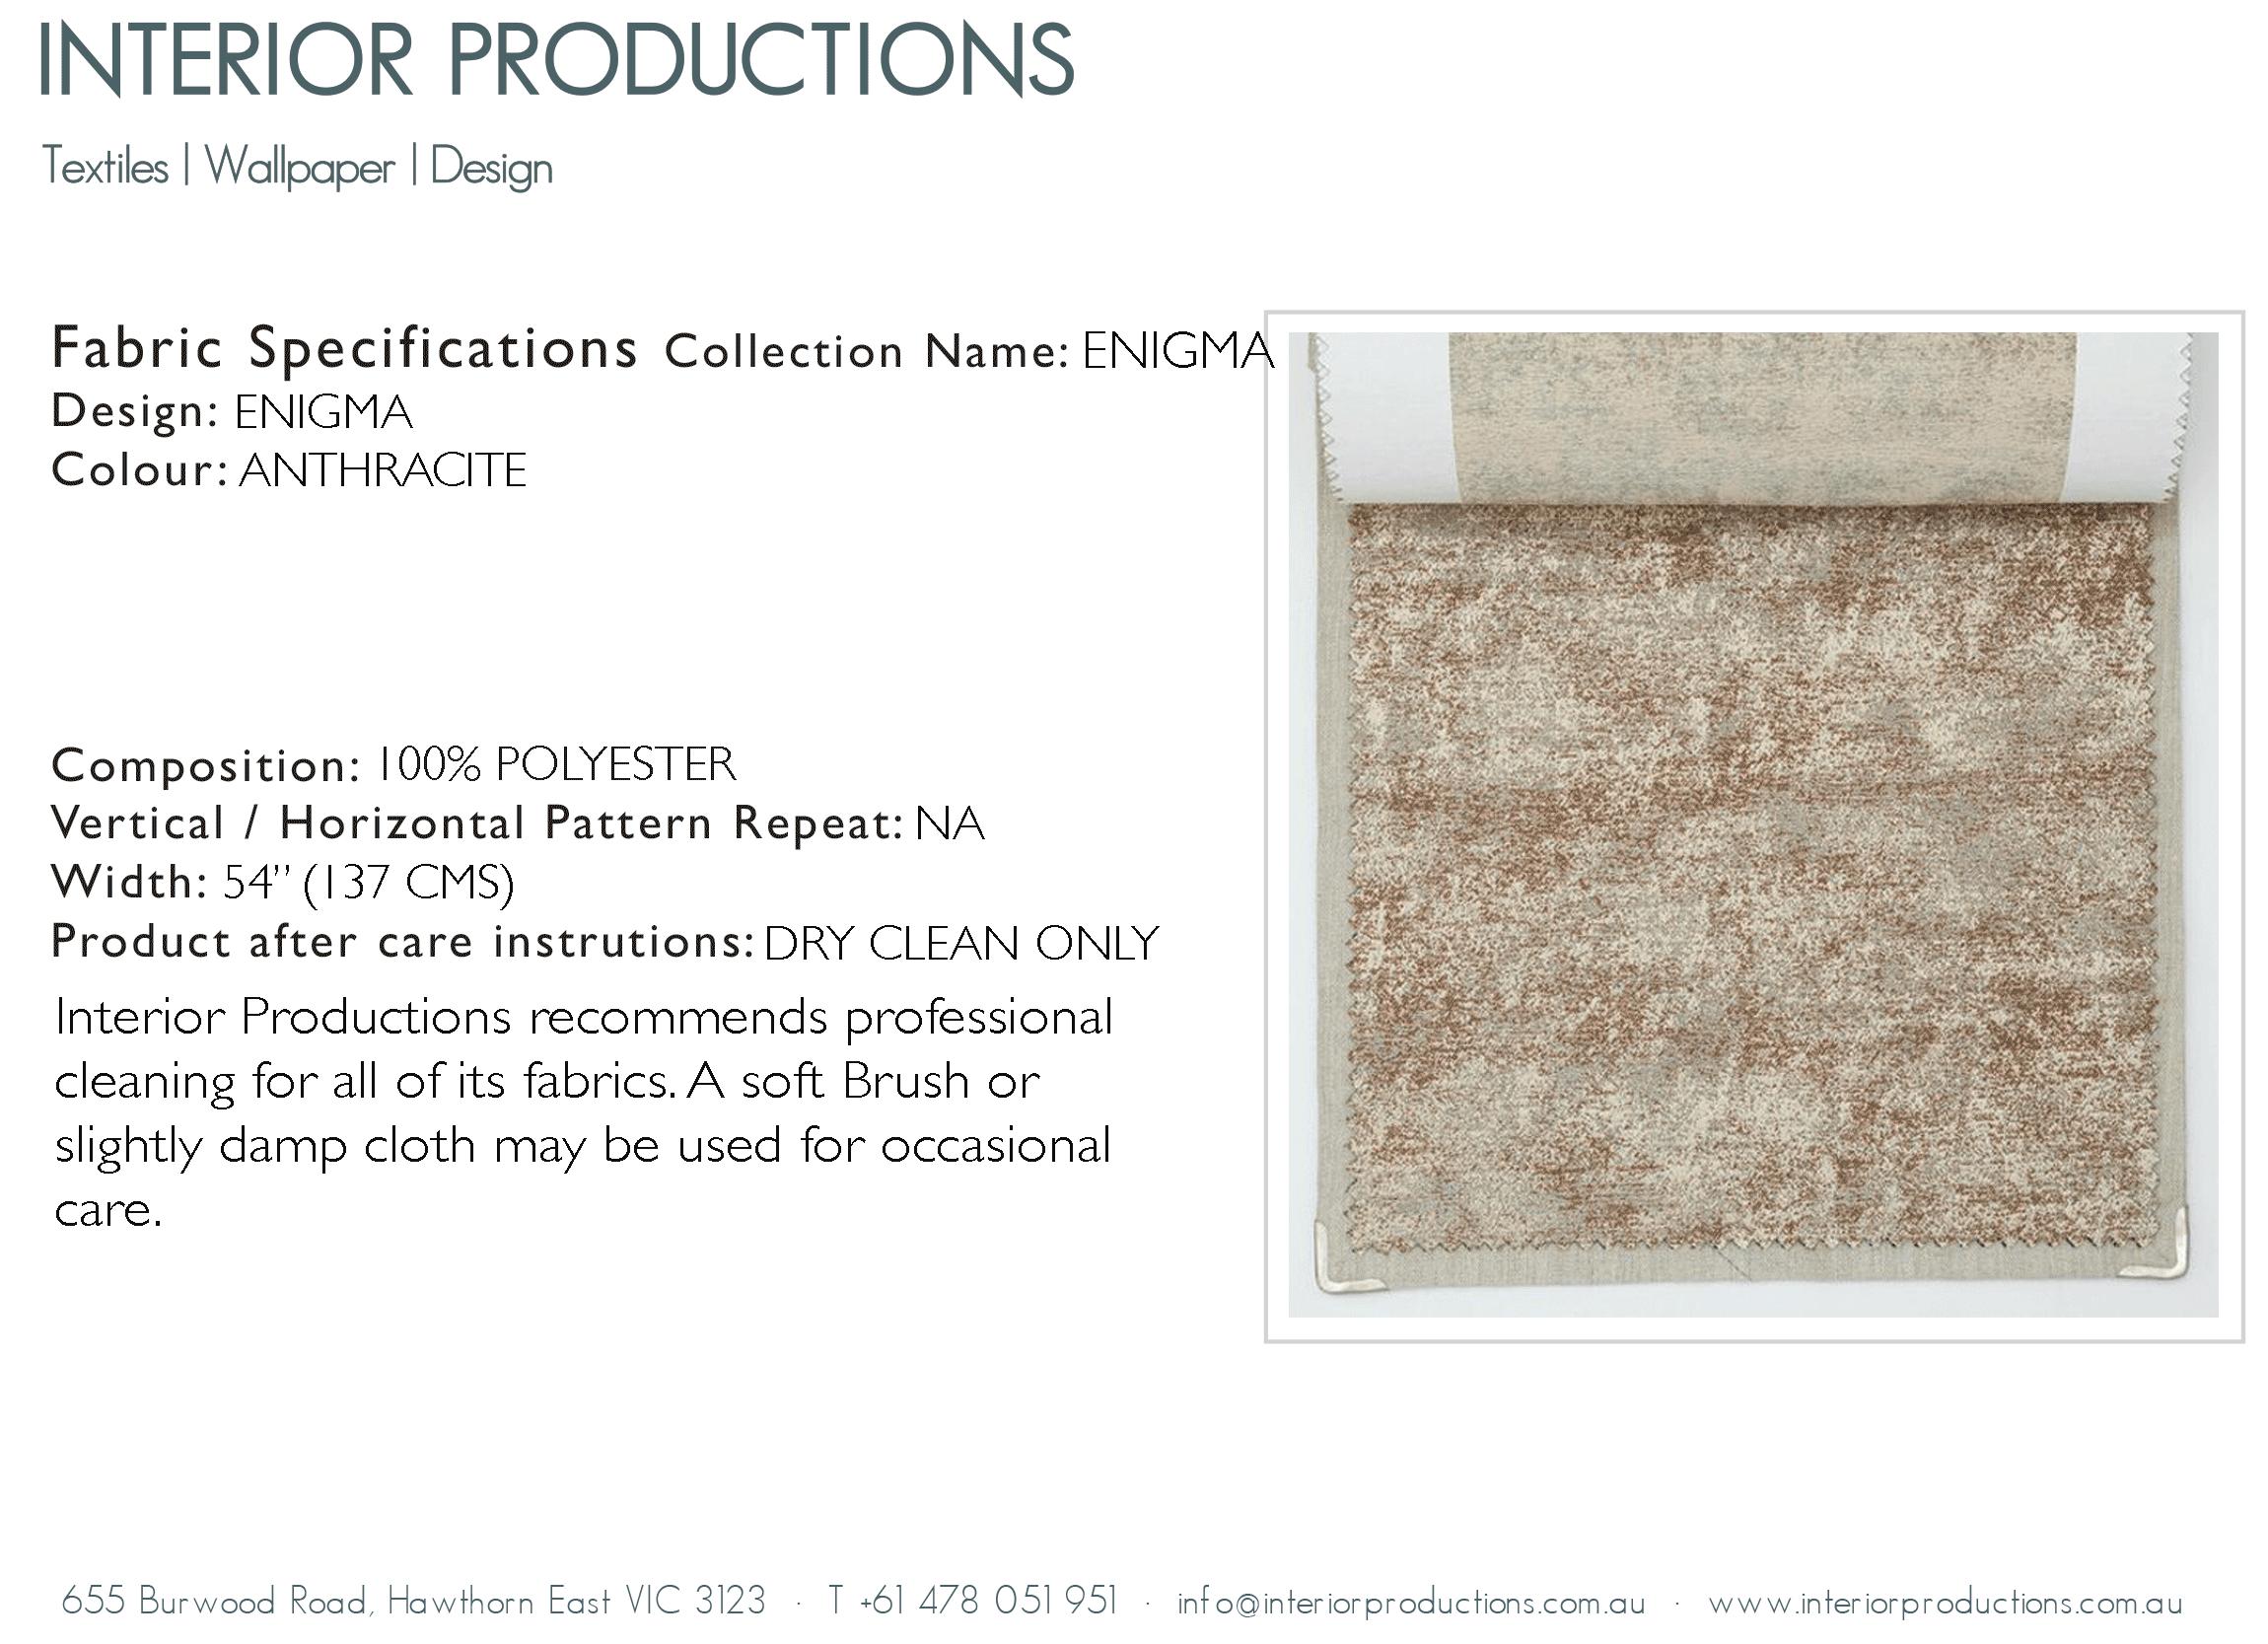 interior_productions_ENIGMA---ANTHRACITE